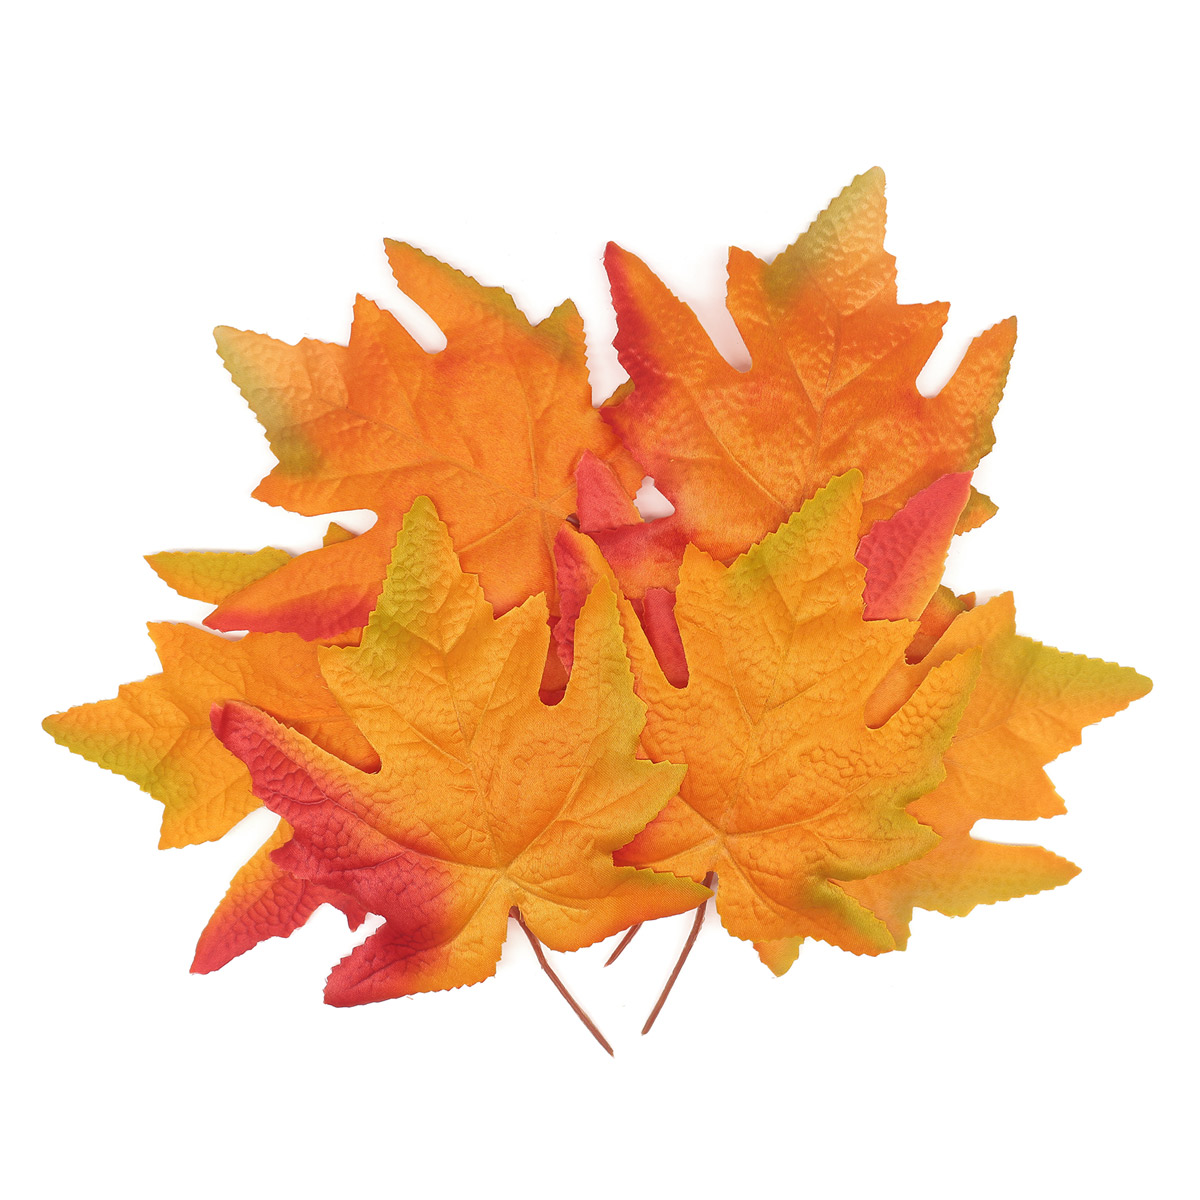 XY19 1141 Кленовые листья, 9шт (4 Оранжевые)